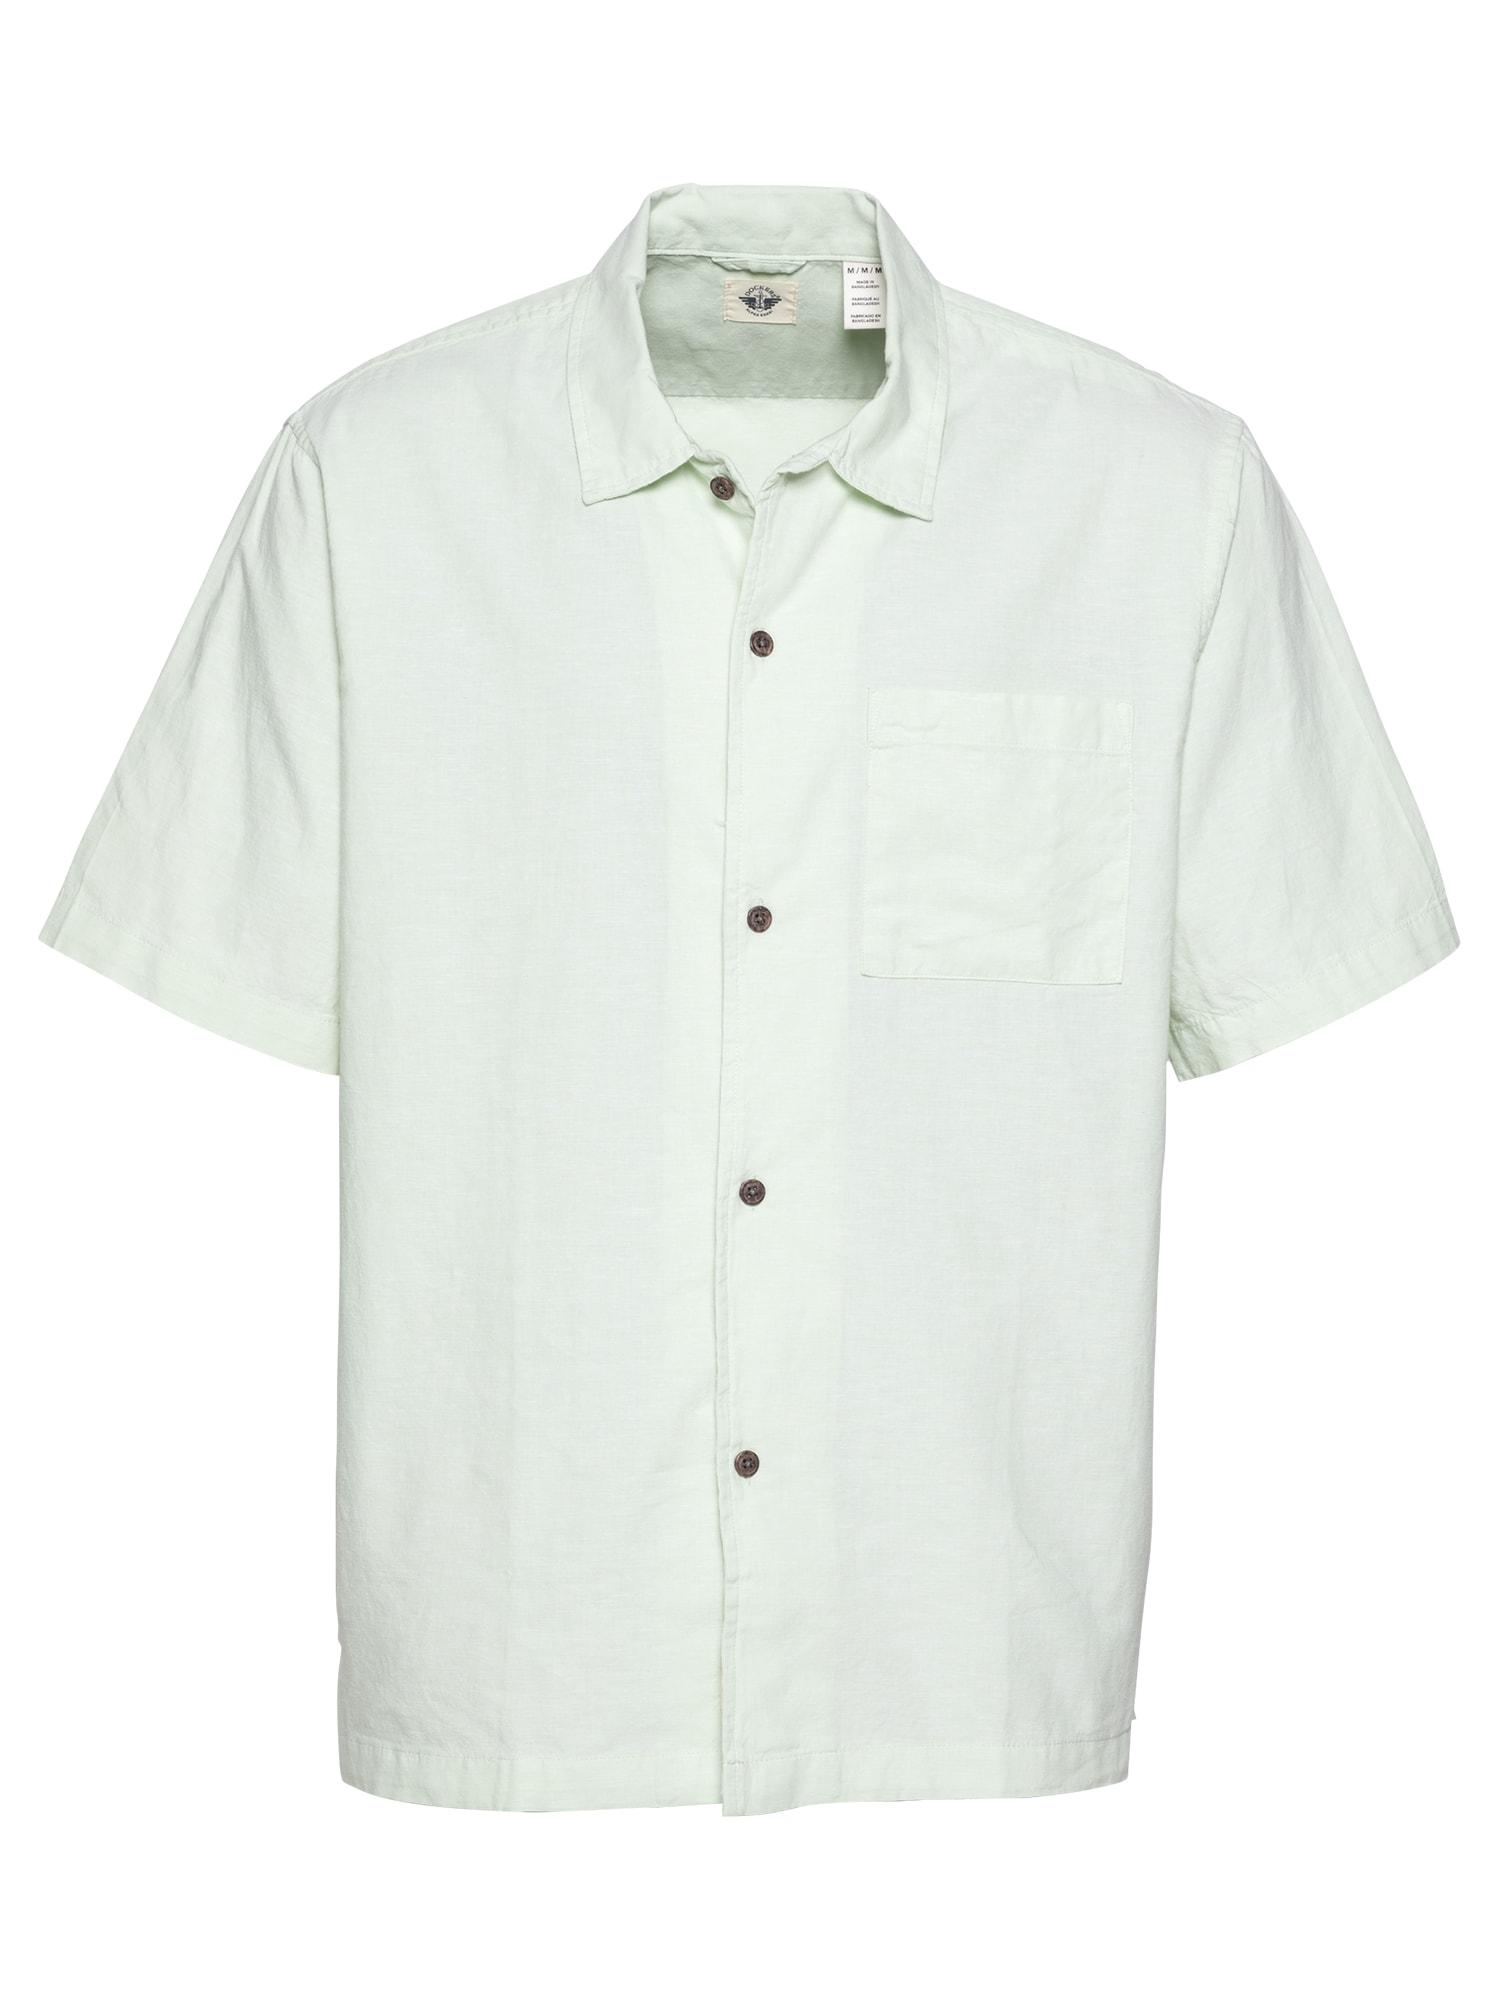 Dockers Marškiniai pastelinė žalia